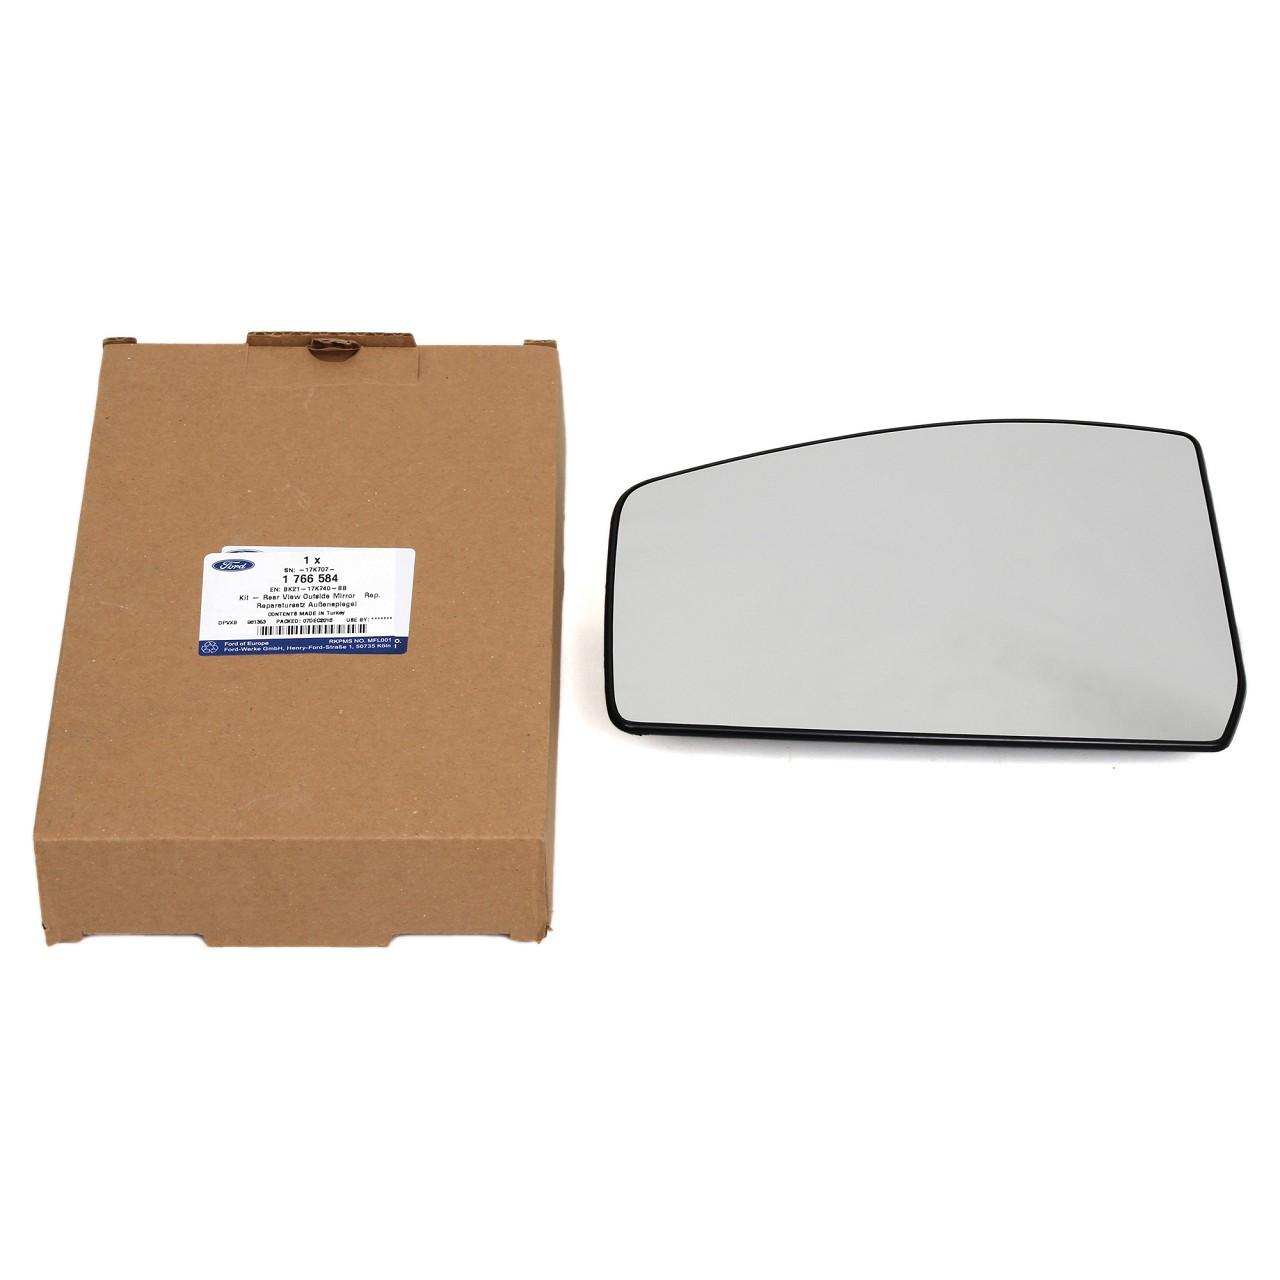 ORIGINAL Ford Außenspiegel Spiegelglas TOURNEO / TRANSIT CUSTOM rechts 1766584